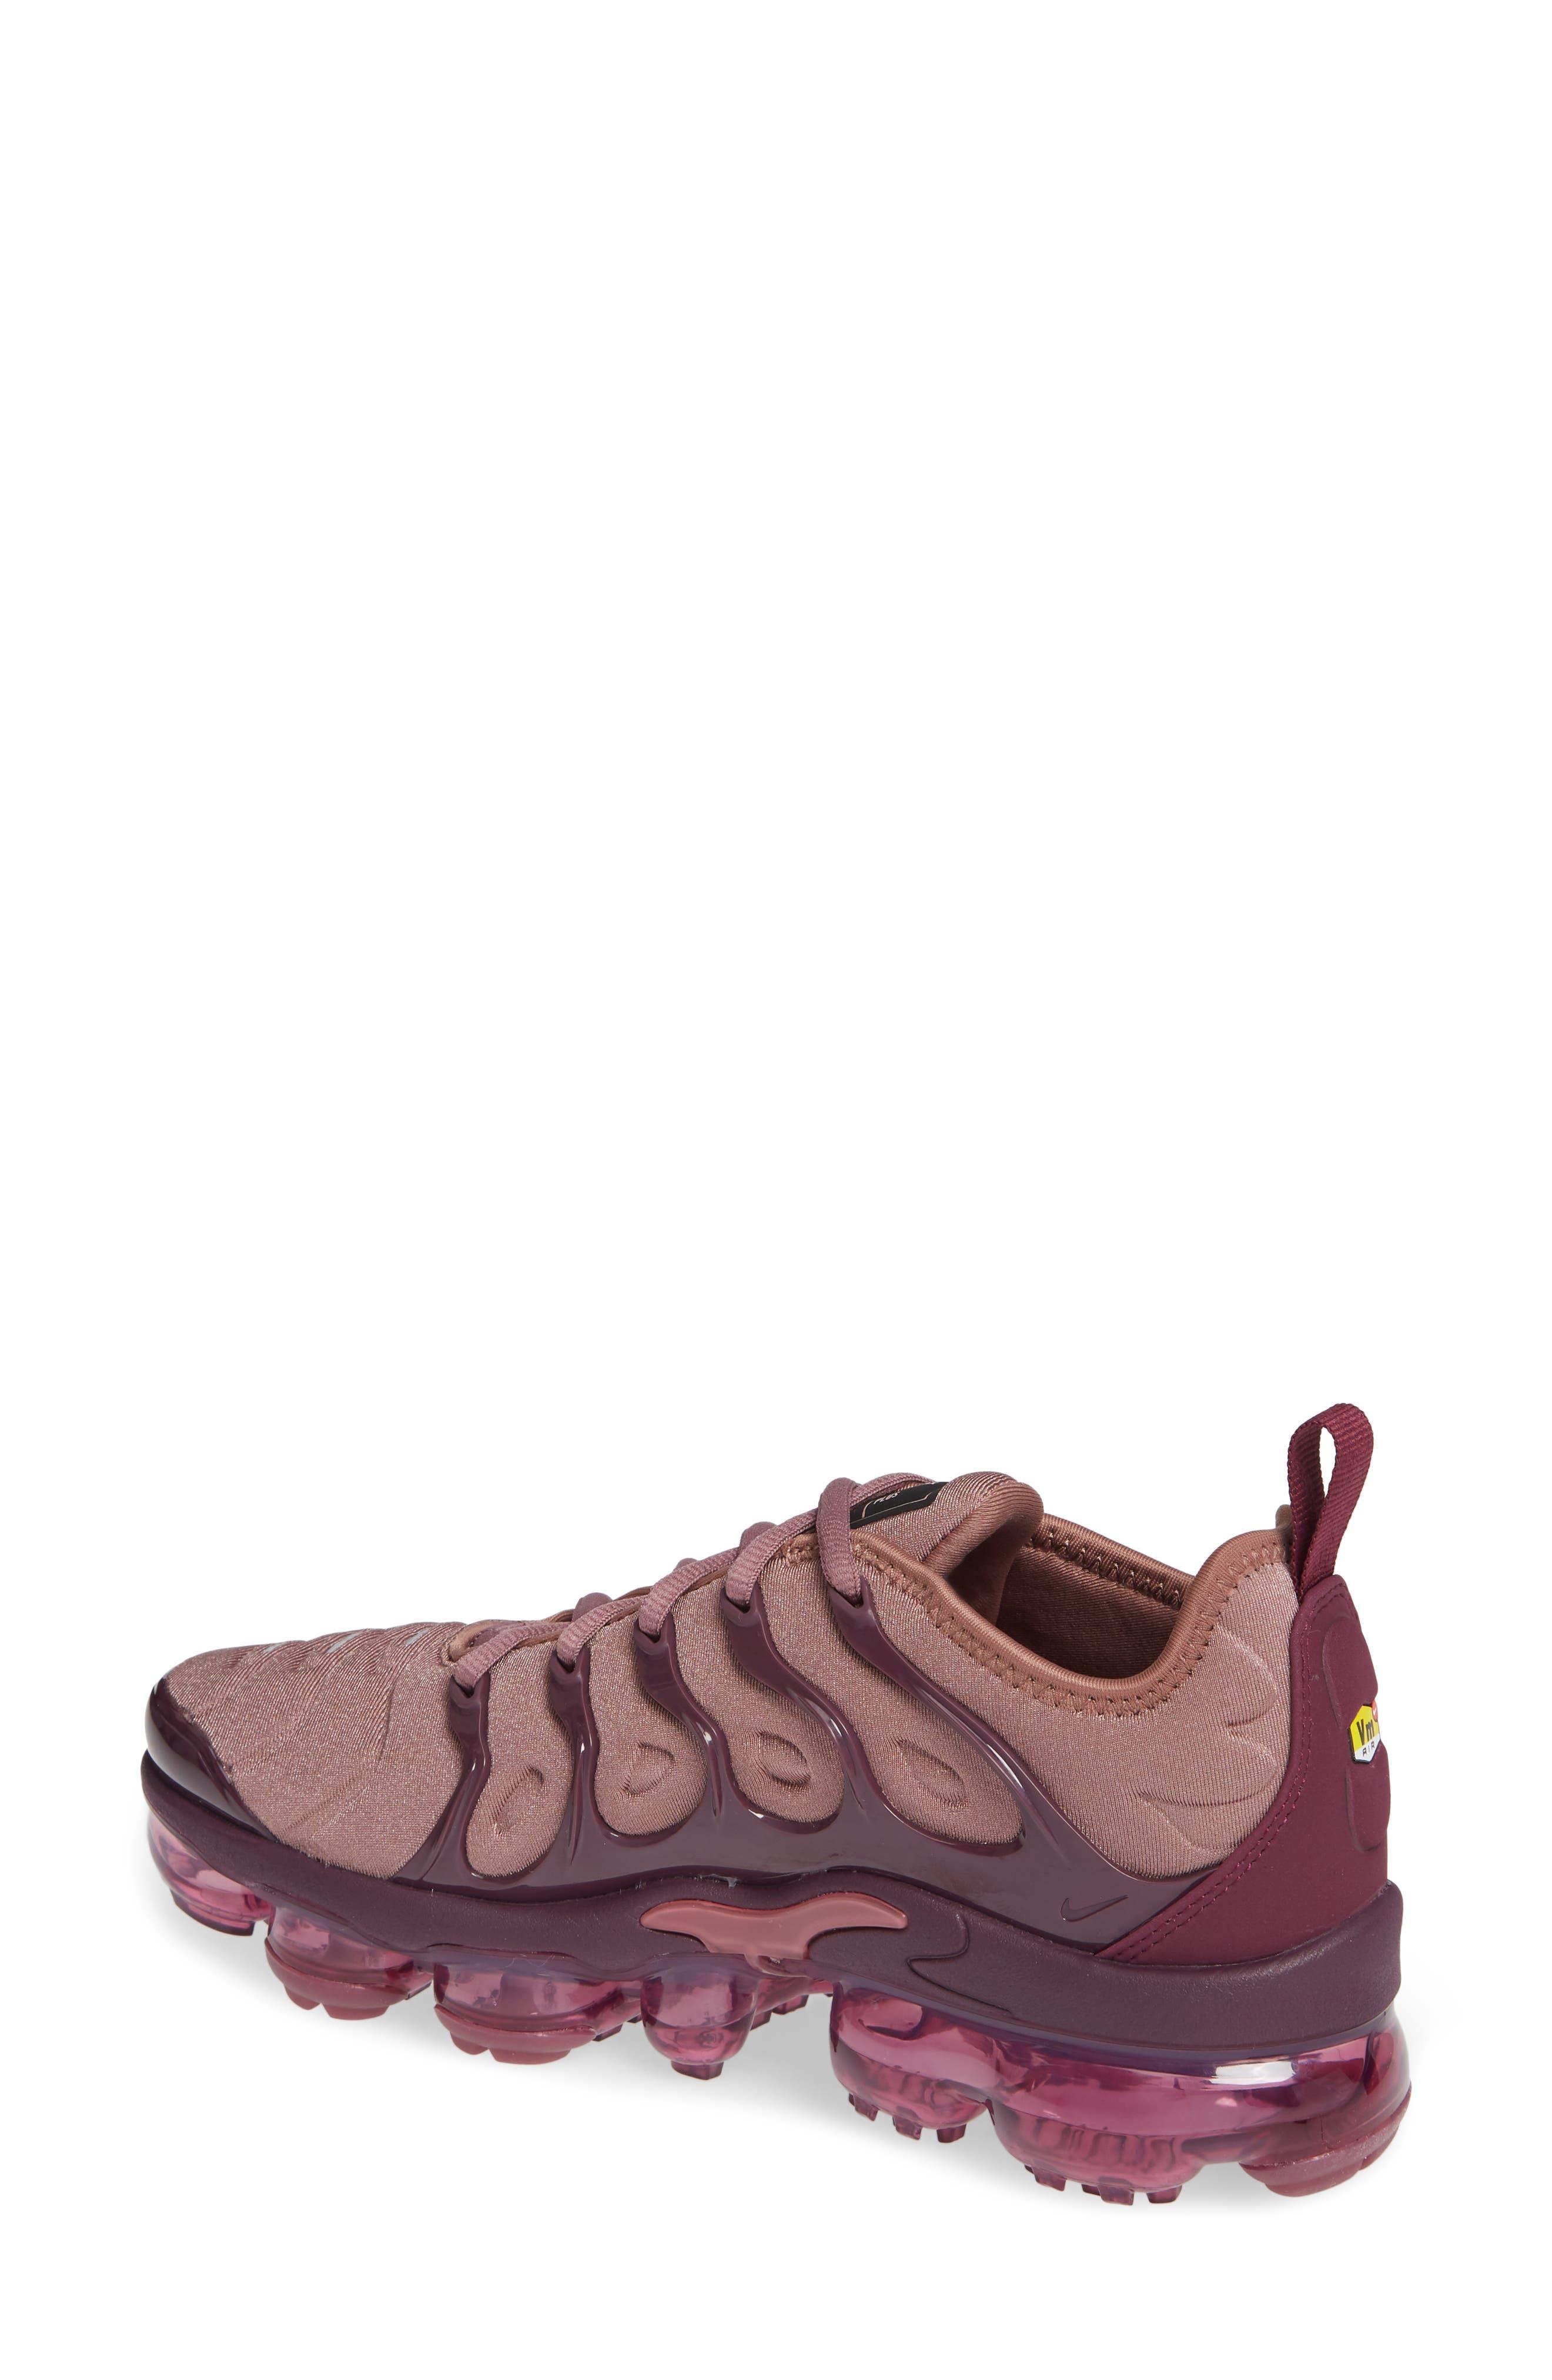 Air VaporMax Plus Sneaker,                             Alternate thumbnail 2, color,                             MAUVE/ BORDEAUX/ WINE/ BLACK